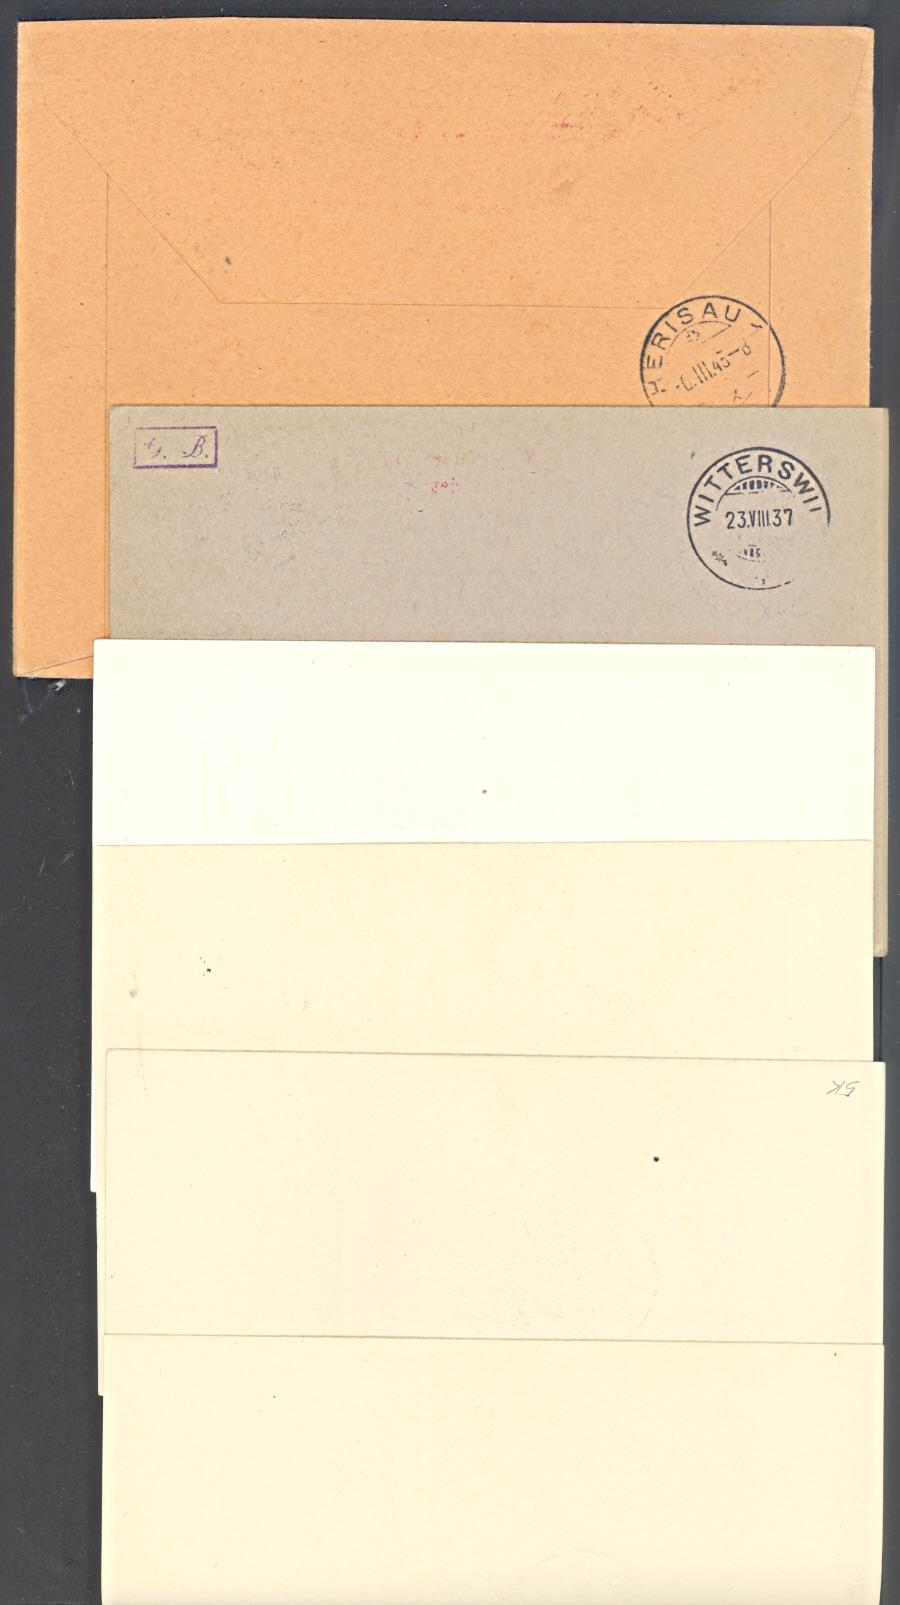 20 lettres cartes poste a r 1926 1953 fribourg acheter sur - Paiement a la livraison la poste ...